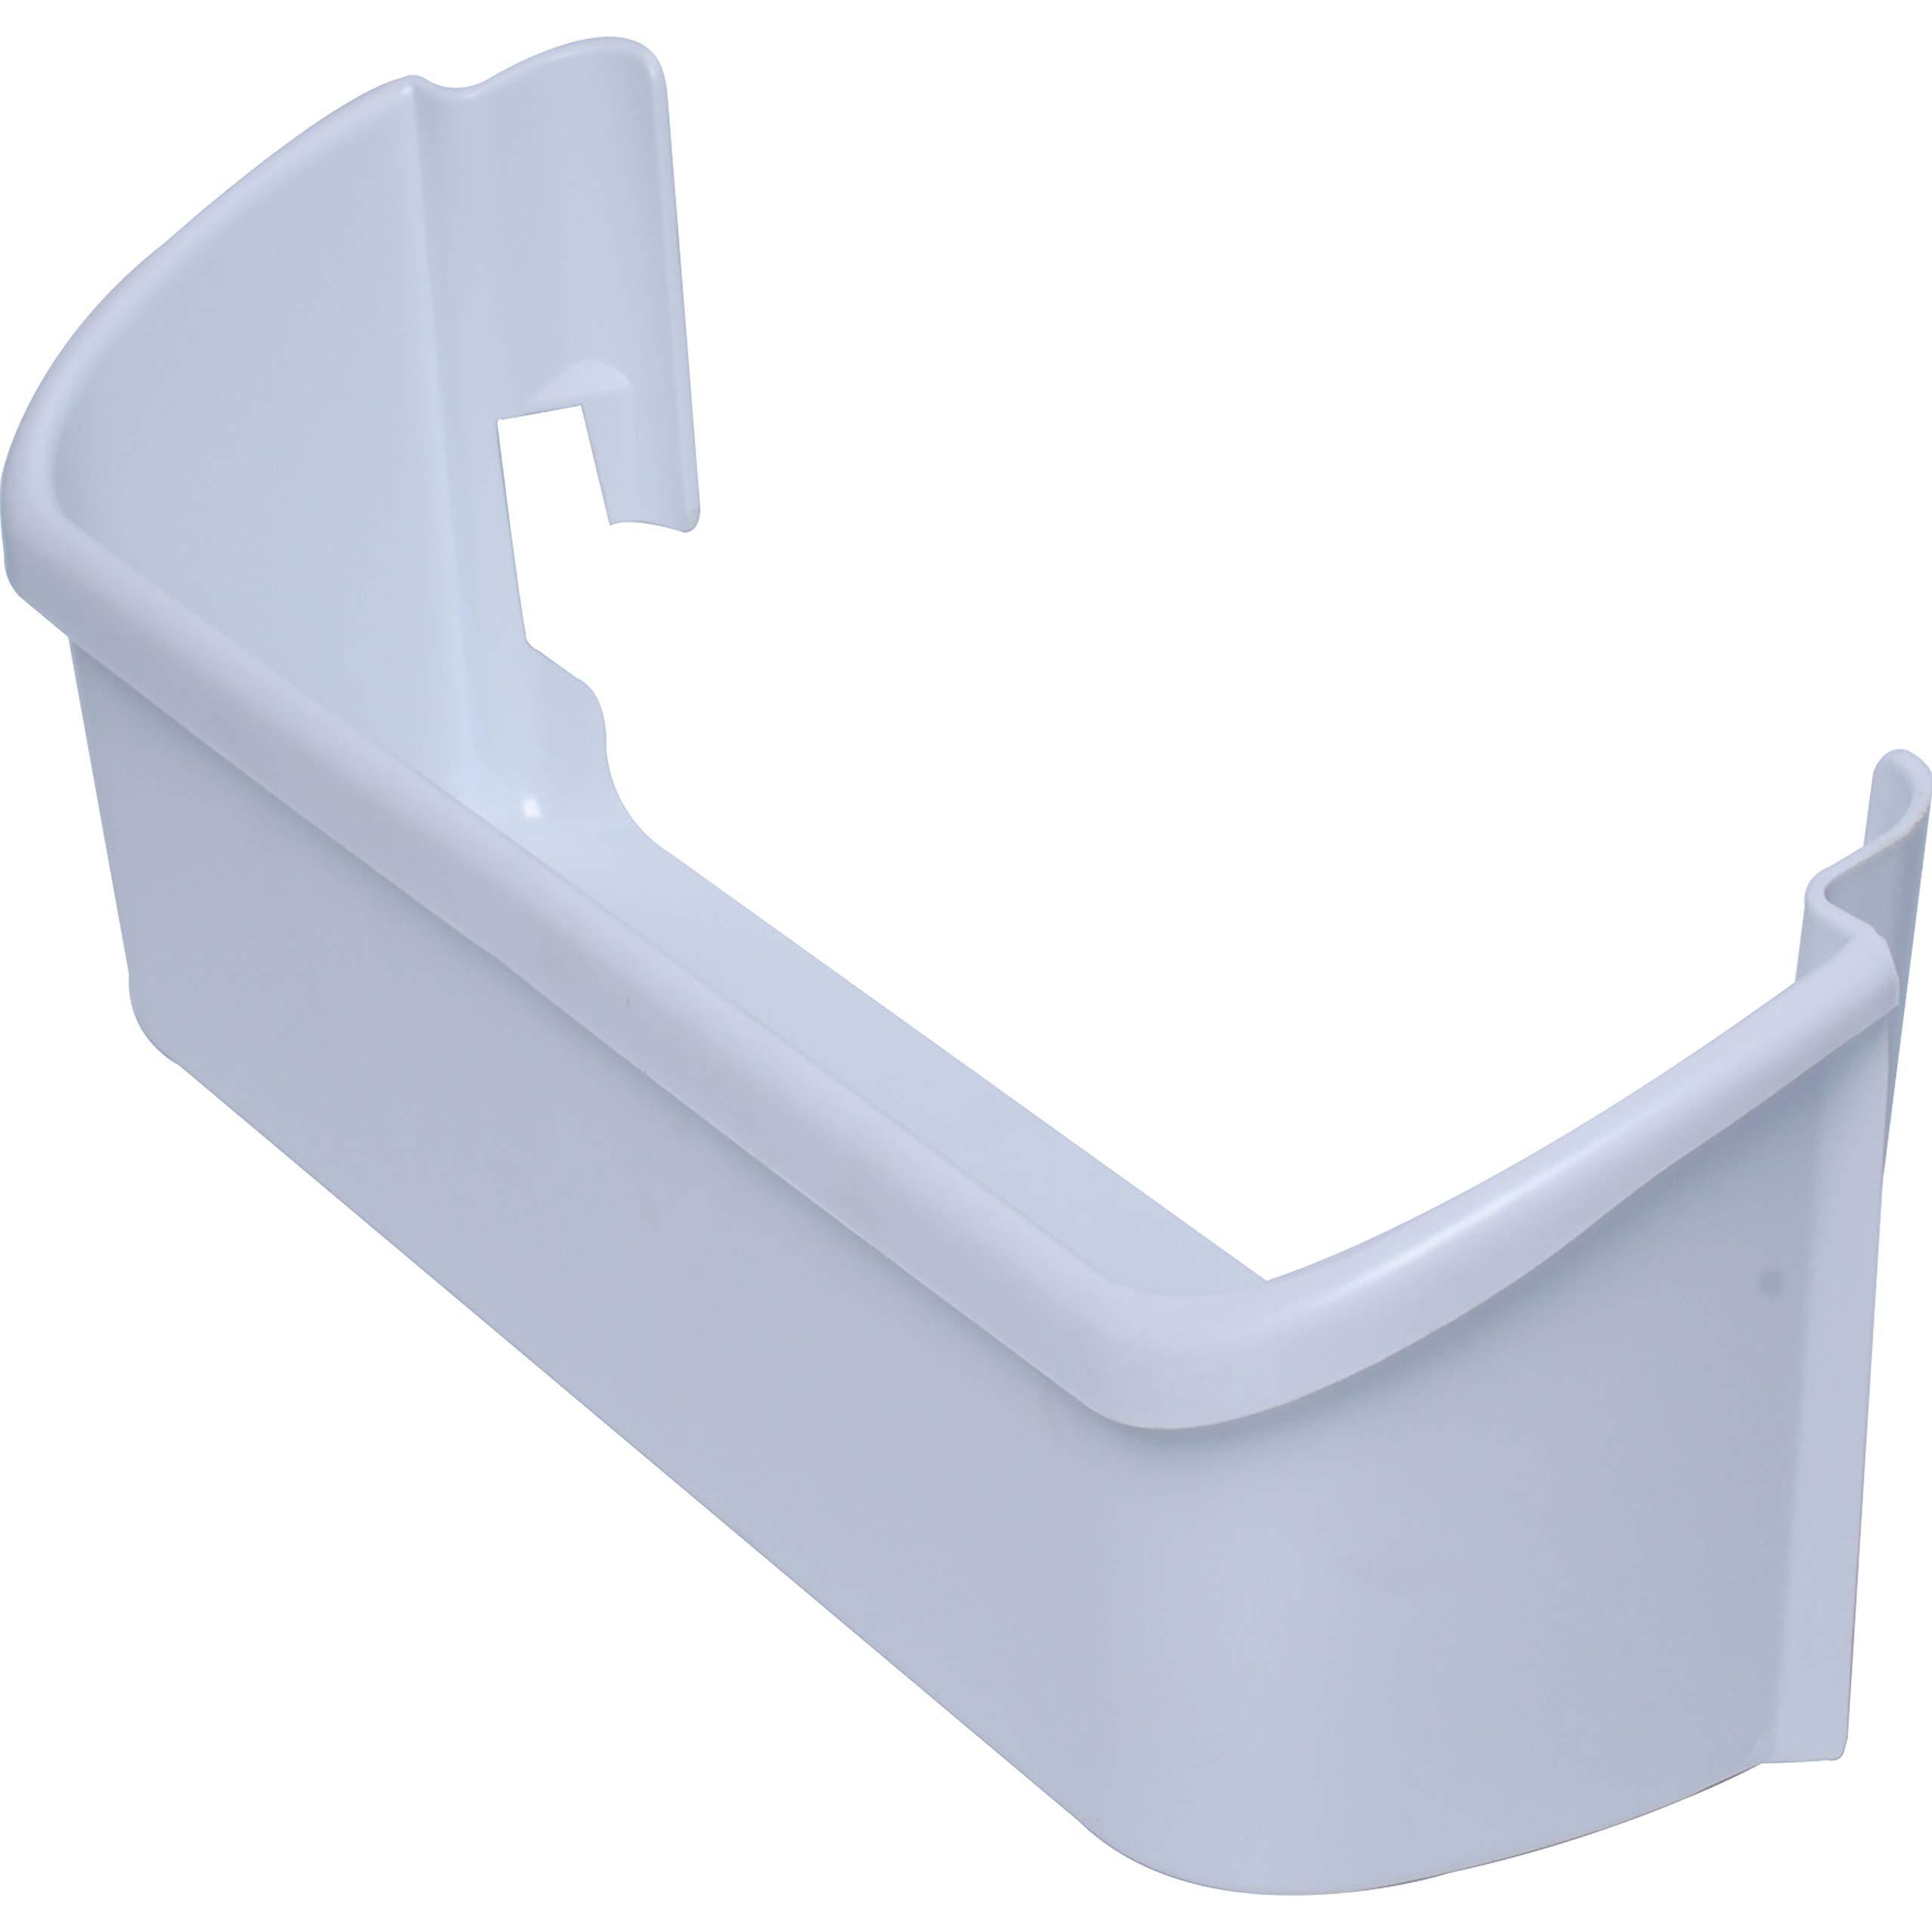 240323001 Refrigerator Door Bin Shelf 240323007 AP2115741 PS429724 2 Pack